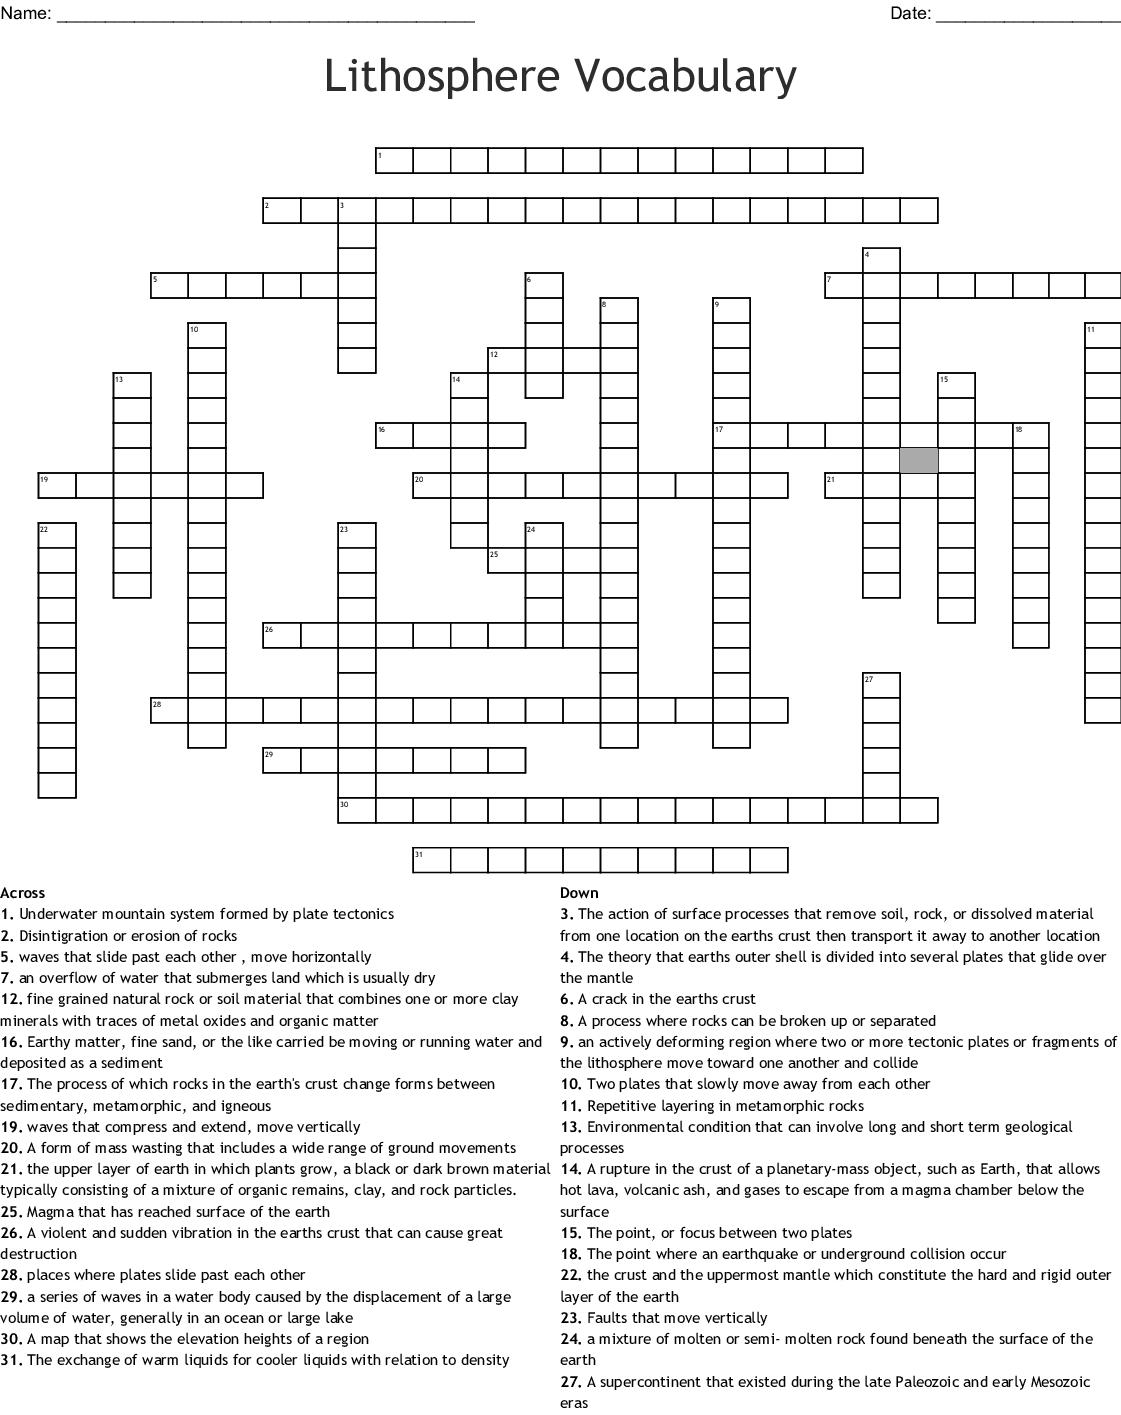 Lithosphere Vocabulary Crossword